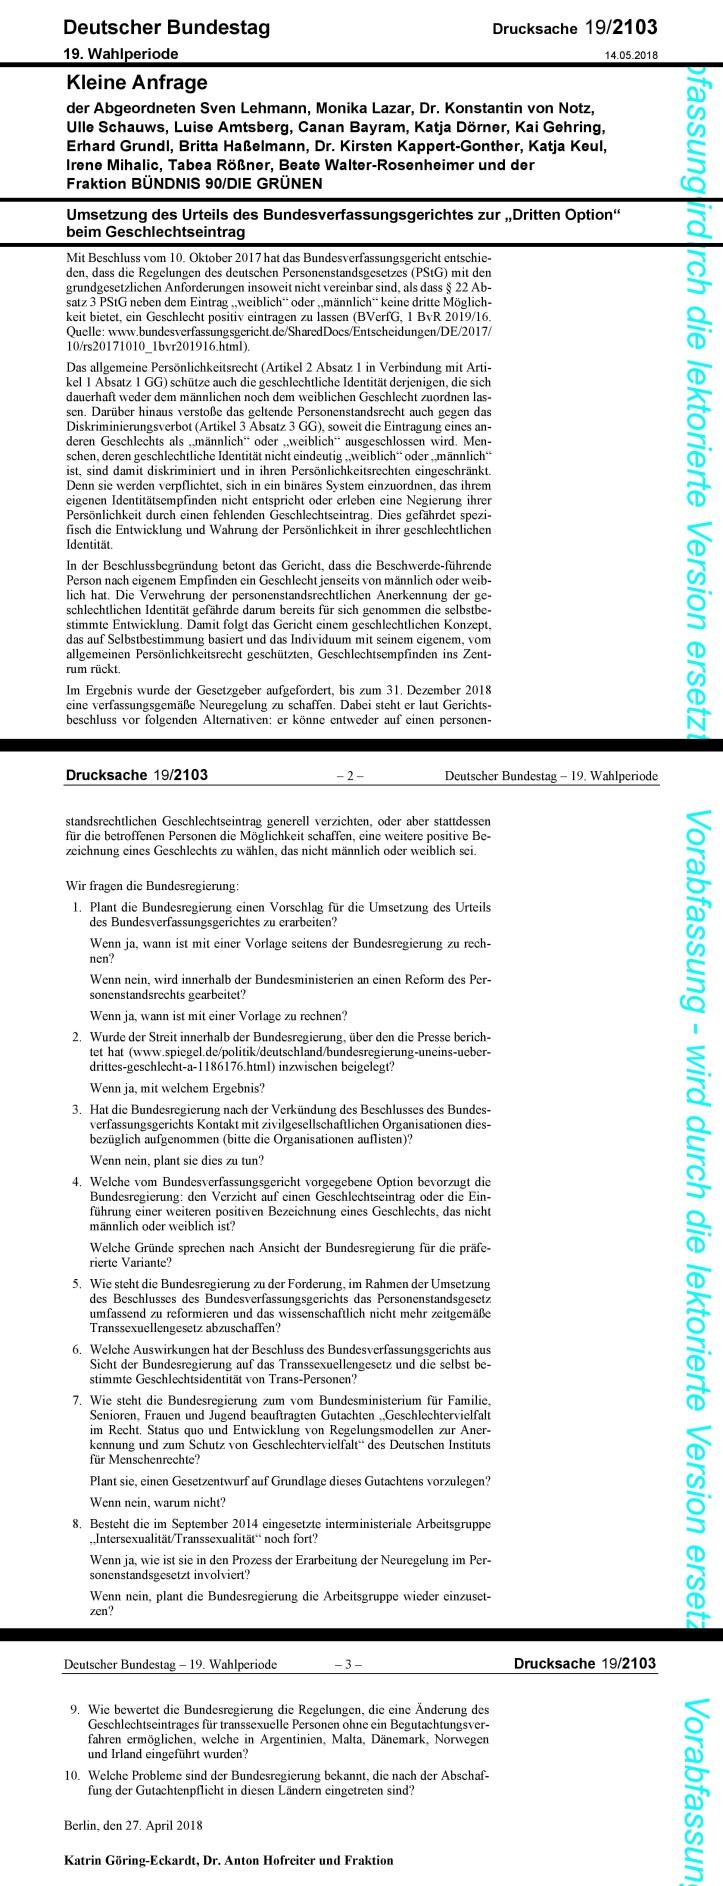 Vorabfassung Drucksache 1902103 Stand 16.Mai2018 Dritte Geschlechts-Option Transsexuellengesetz TSG Nicht-Binäre Menschen TTI³ Geschlechtliche Identität Vielfalt v1